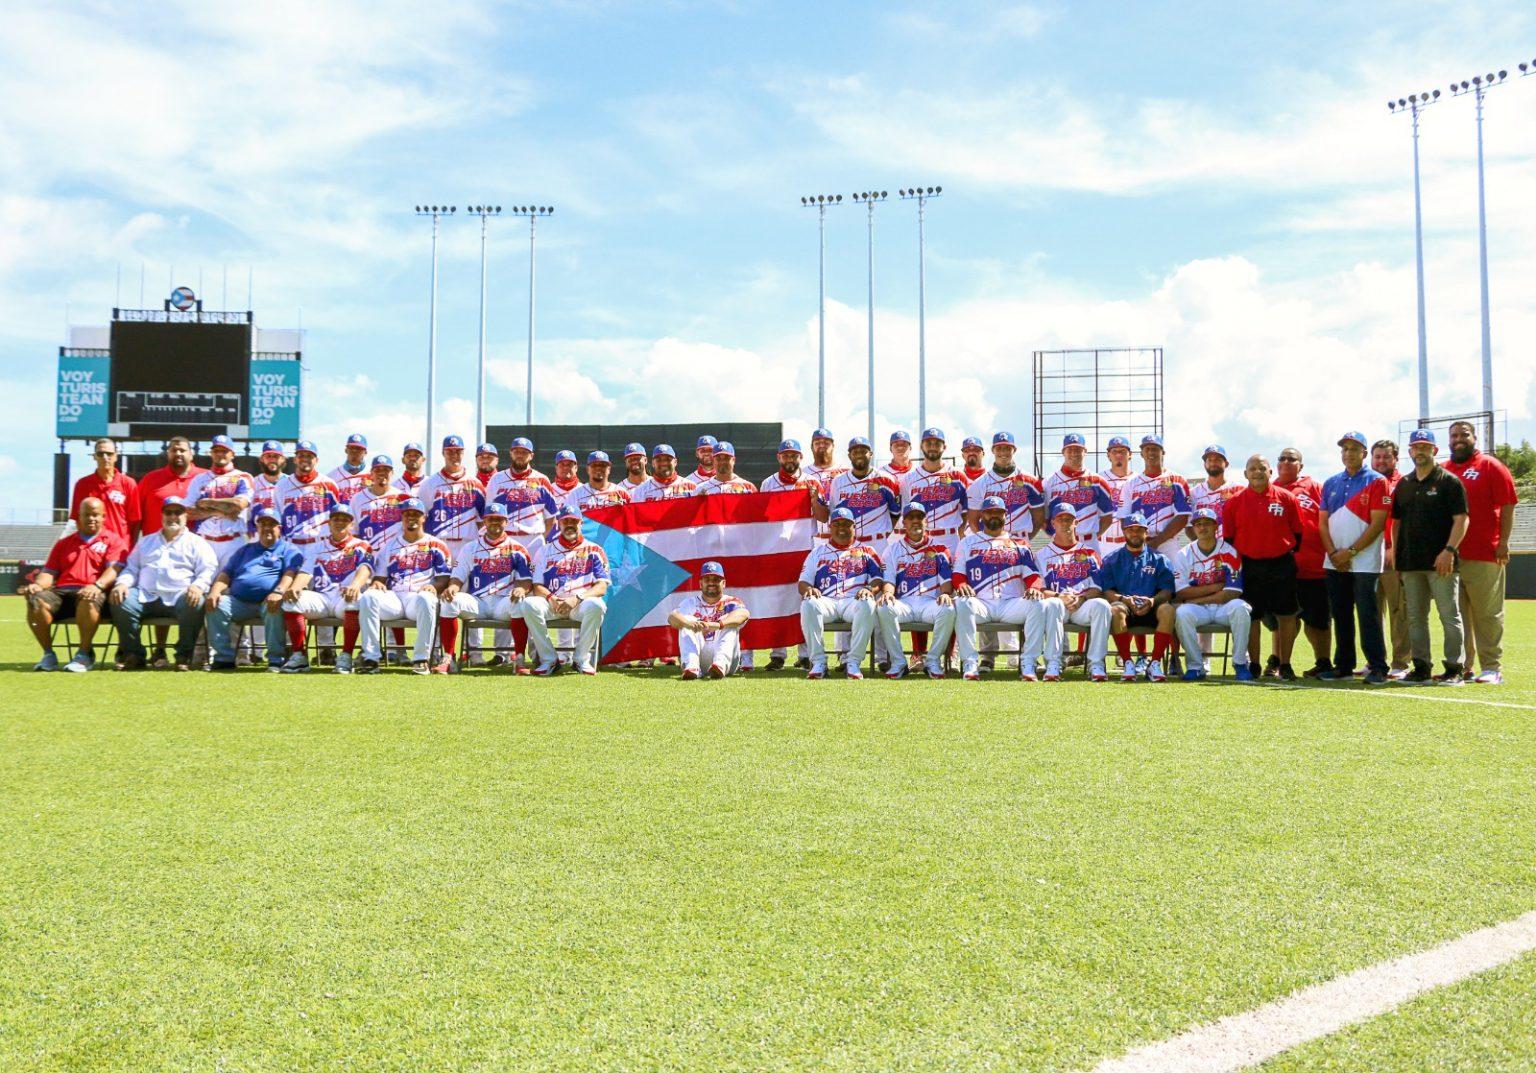 La escuadra boricua partirá hacia Mazatlán el sábado, 30 de enero. (Foto: LBPRC Media)